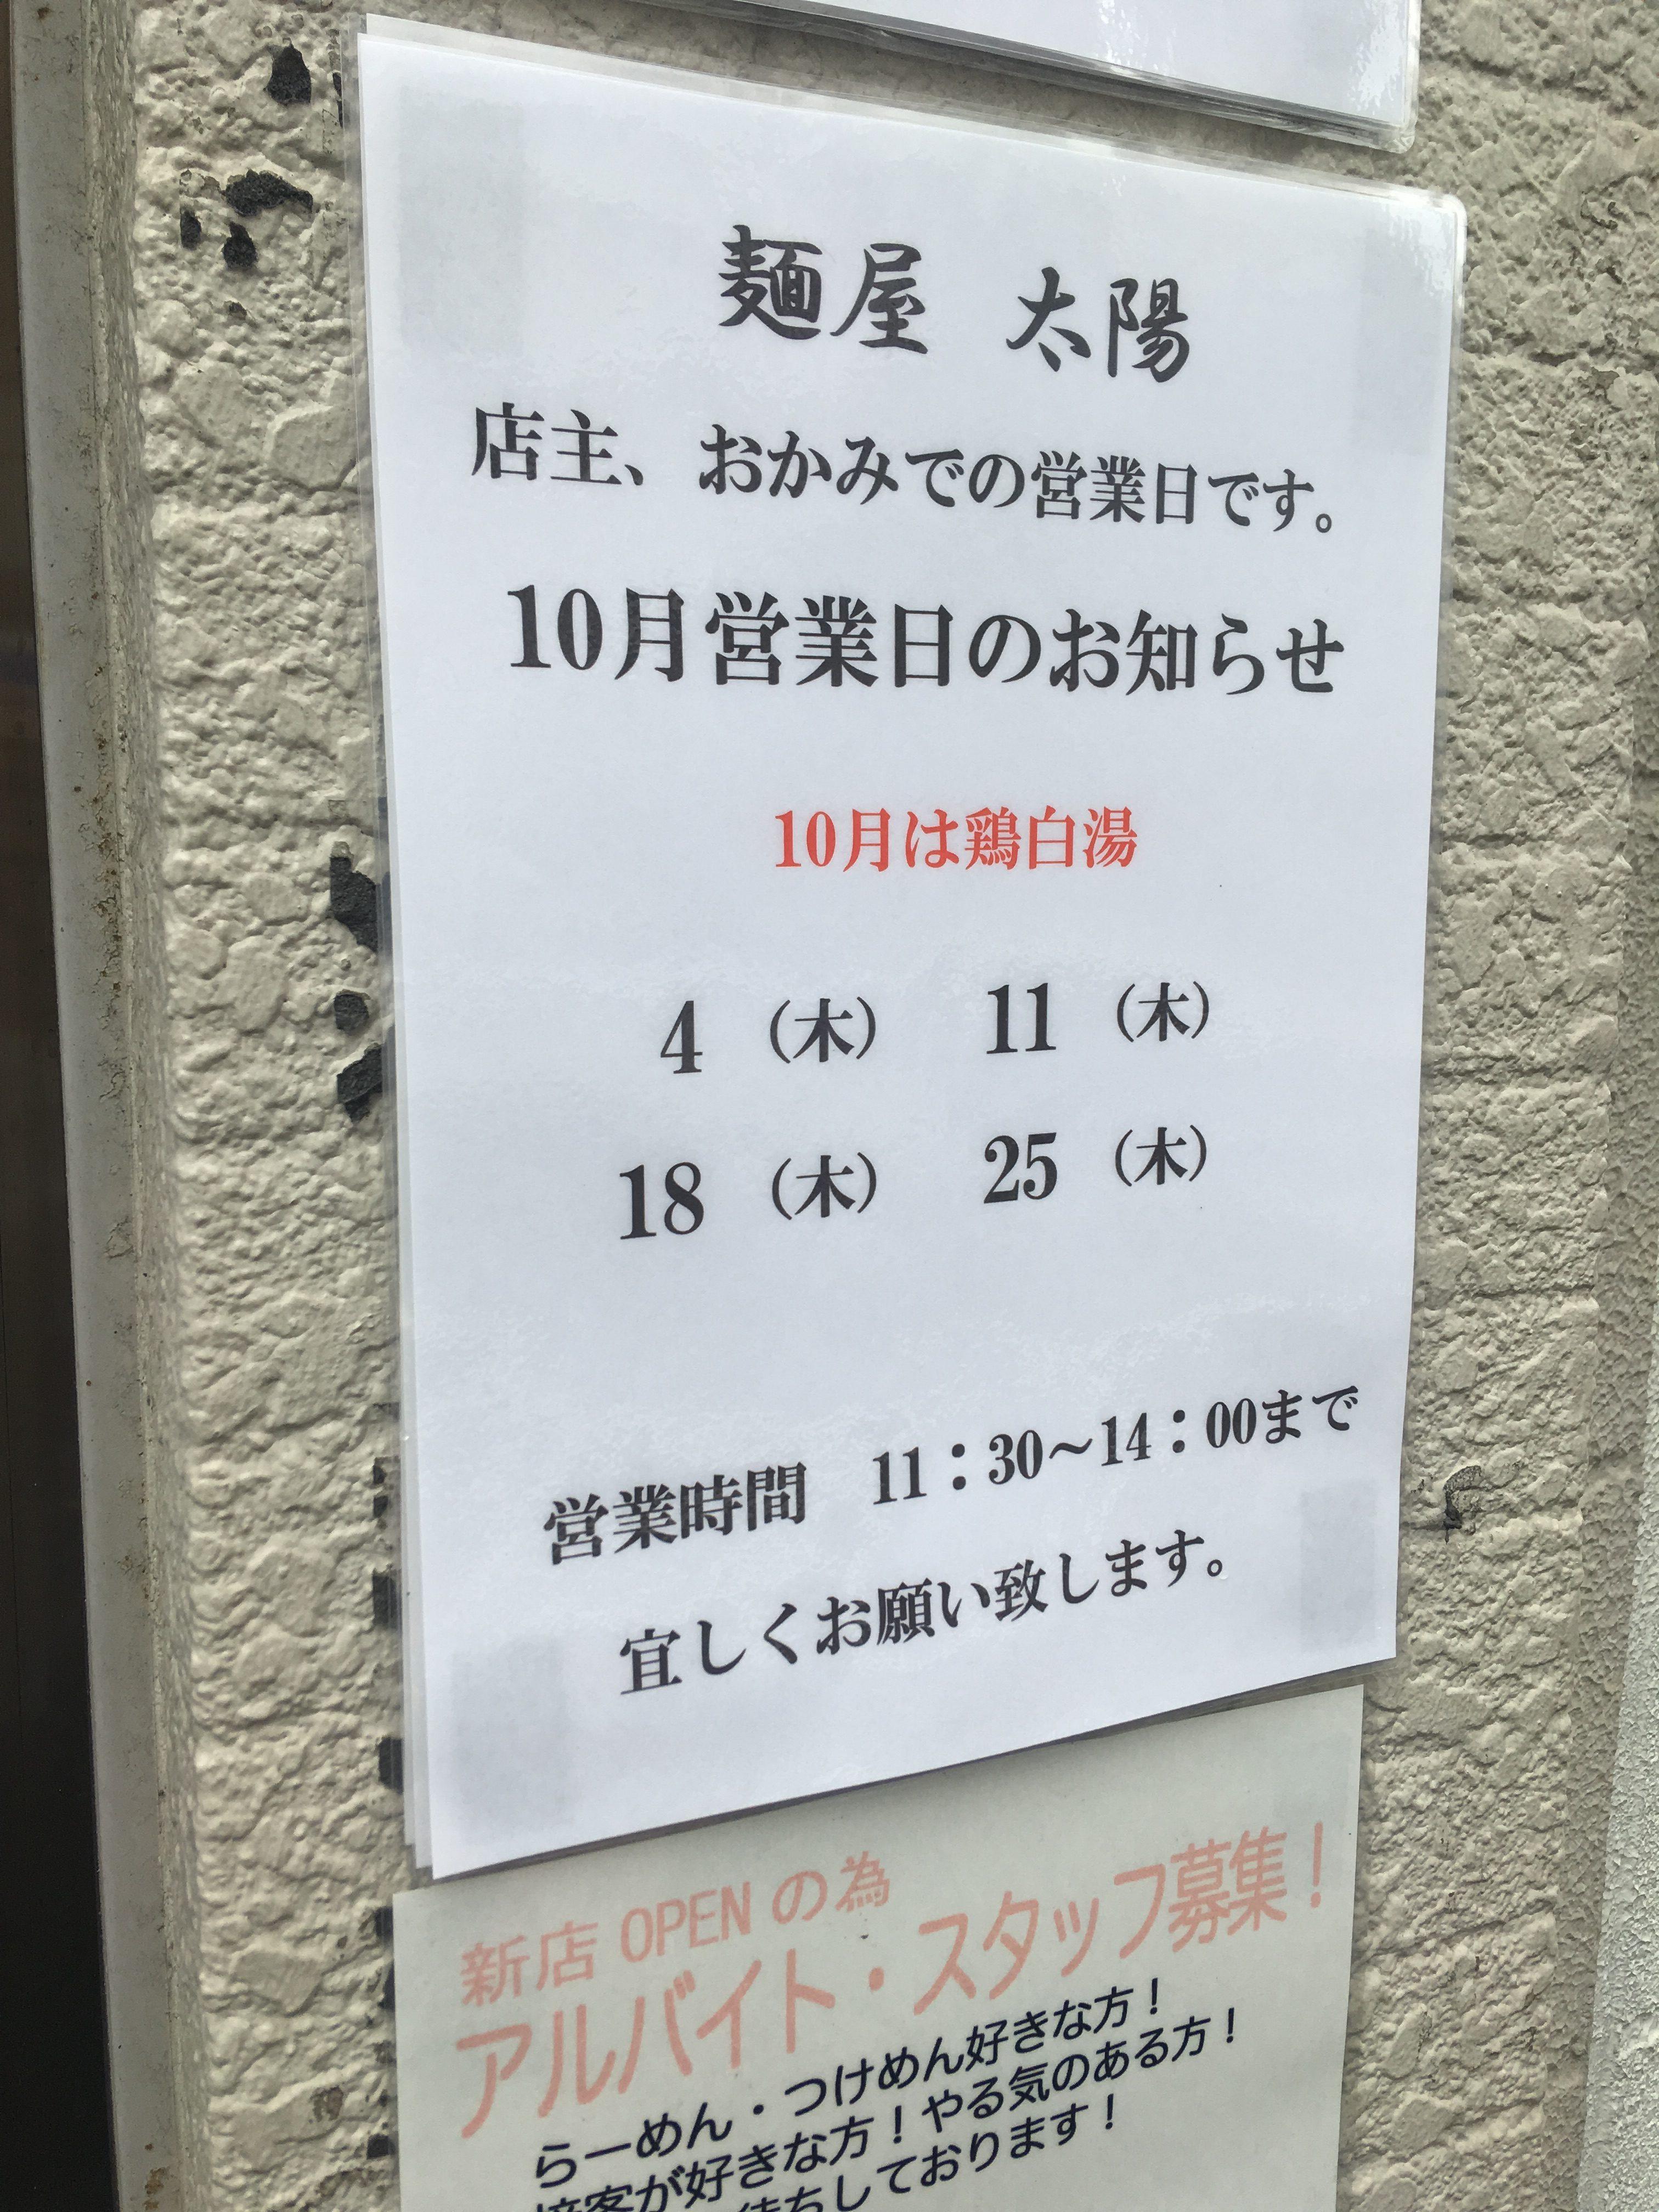 麺屋太陽 木曜日の営業は11:30~14:00